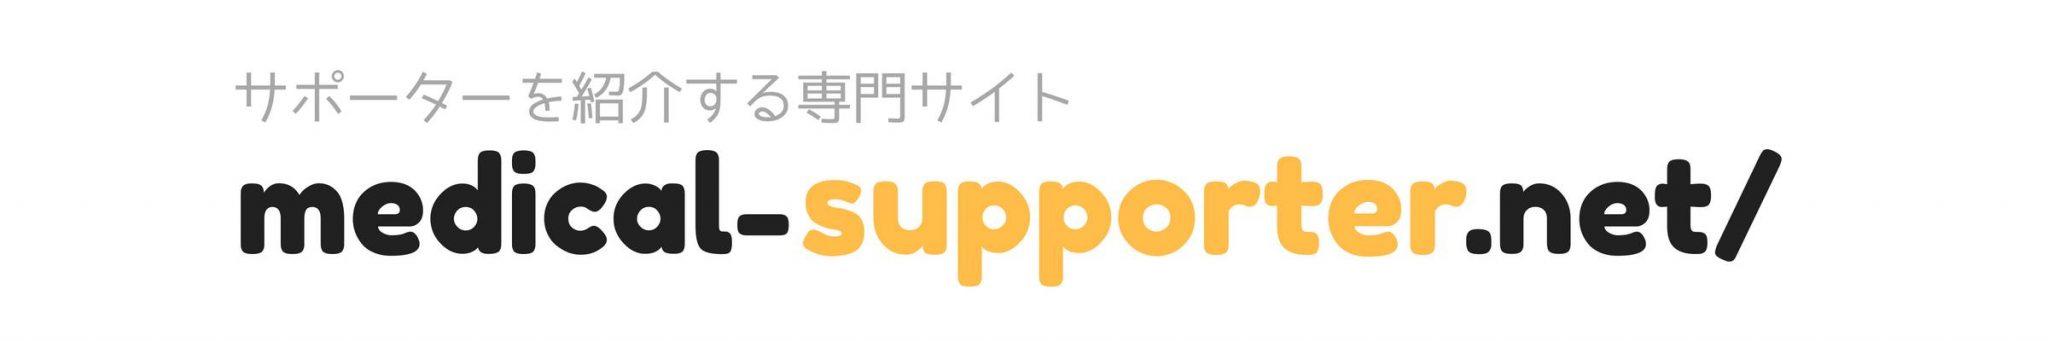 サポーター専門サイト